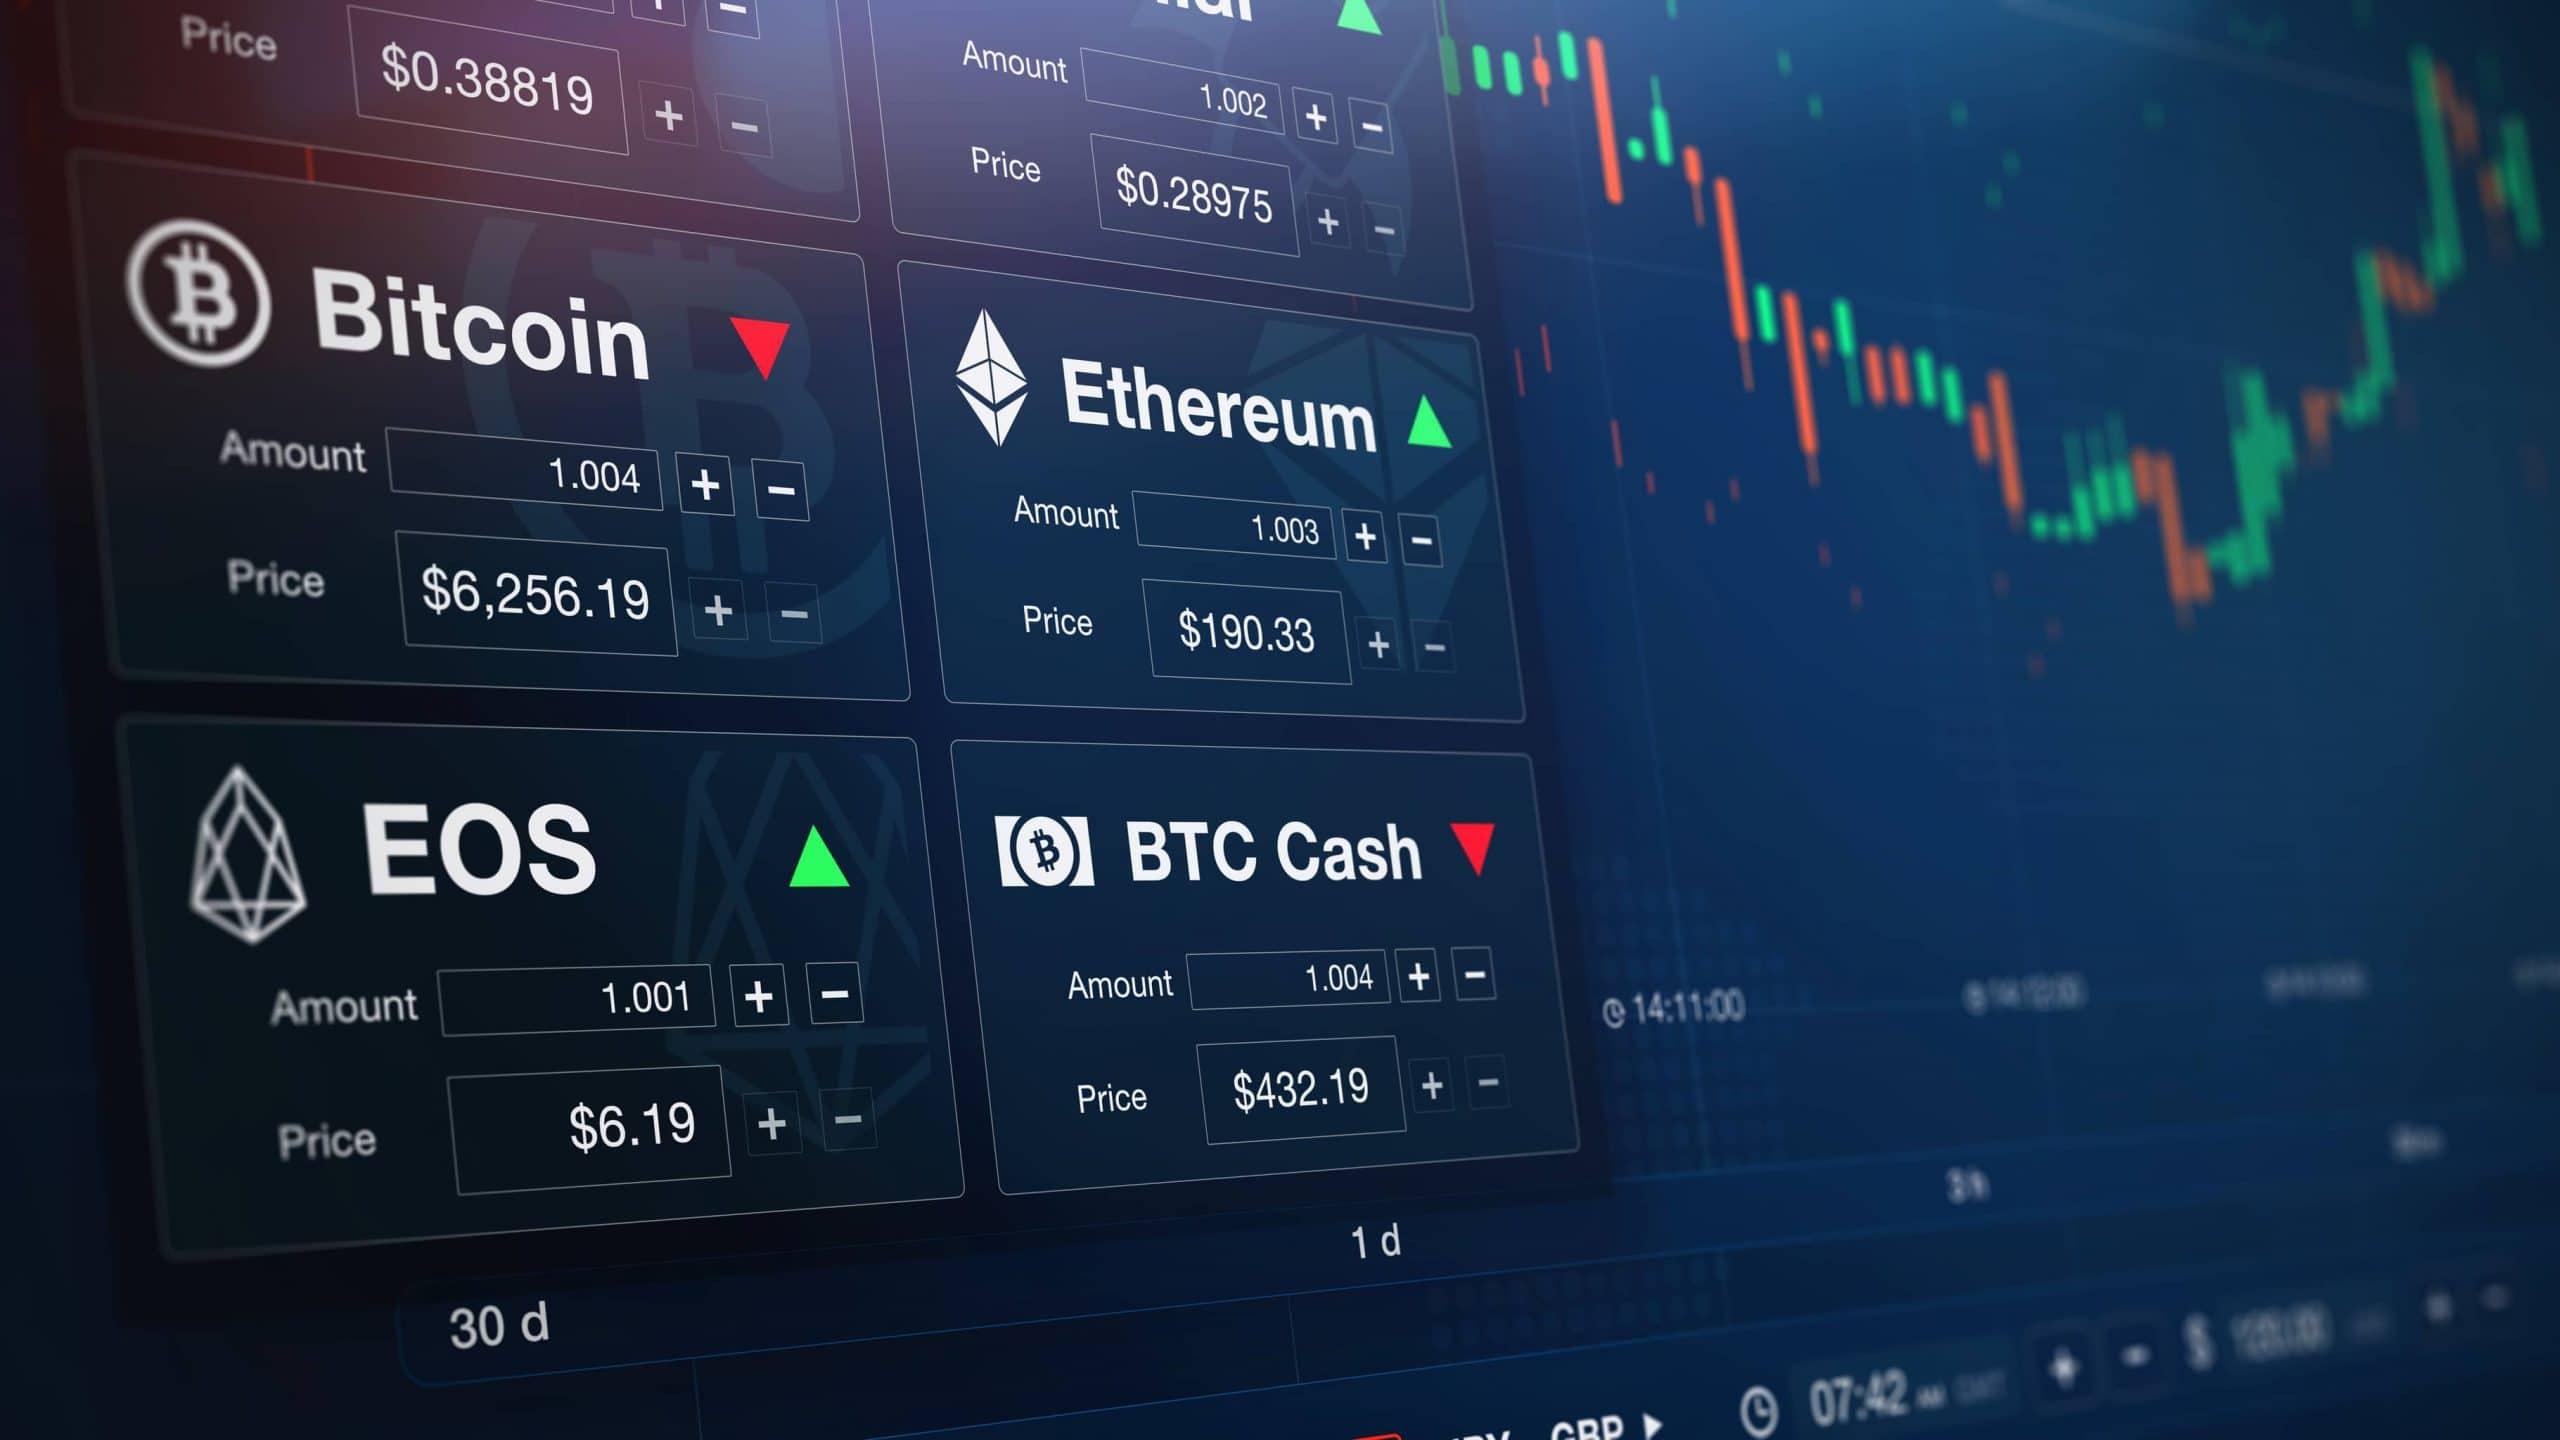 Krypto-Kurse auf einer Krypto-Börse.